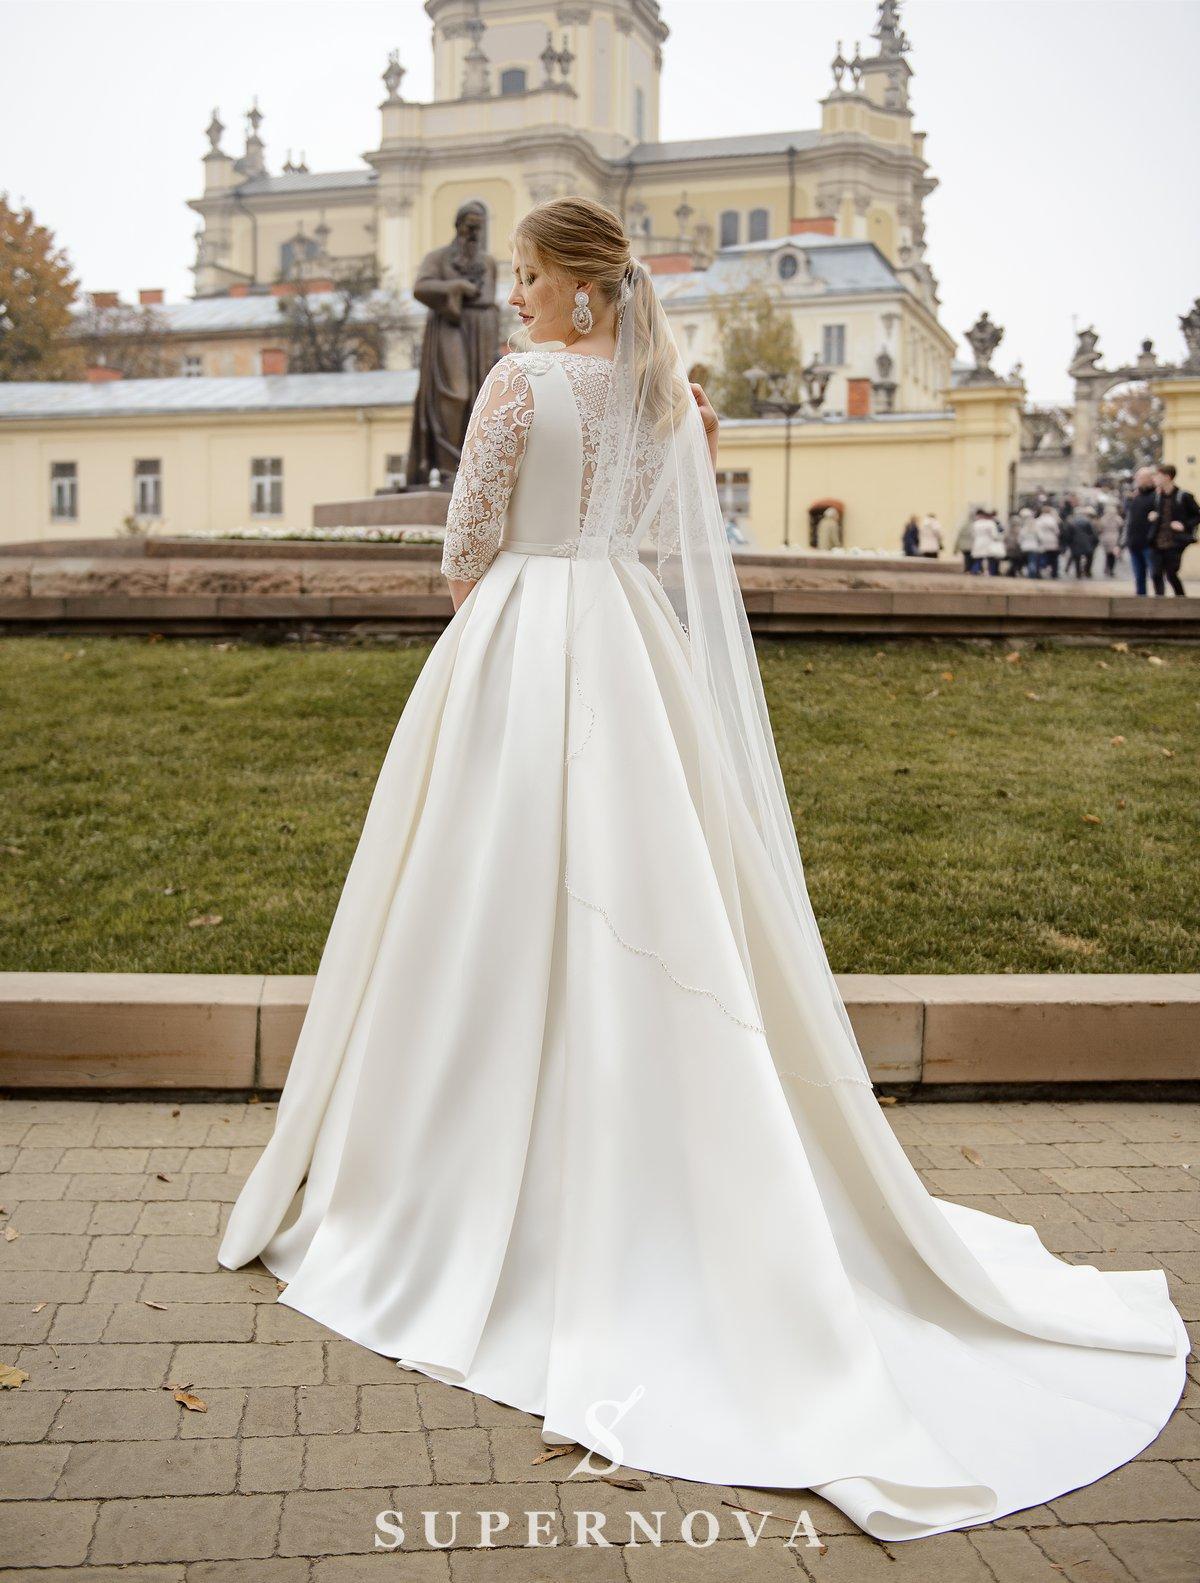 Voalul de nunta cu marginea figur en-gros de la brandul Super Nova-1